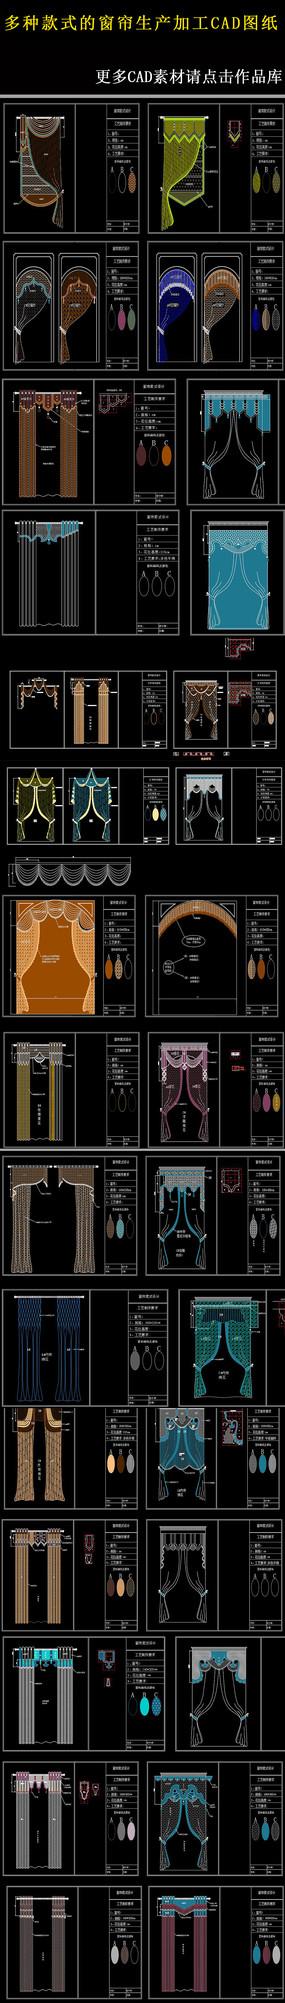 窗帘生产加工CAD图纸